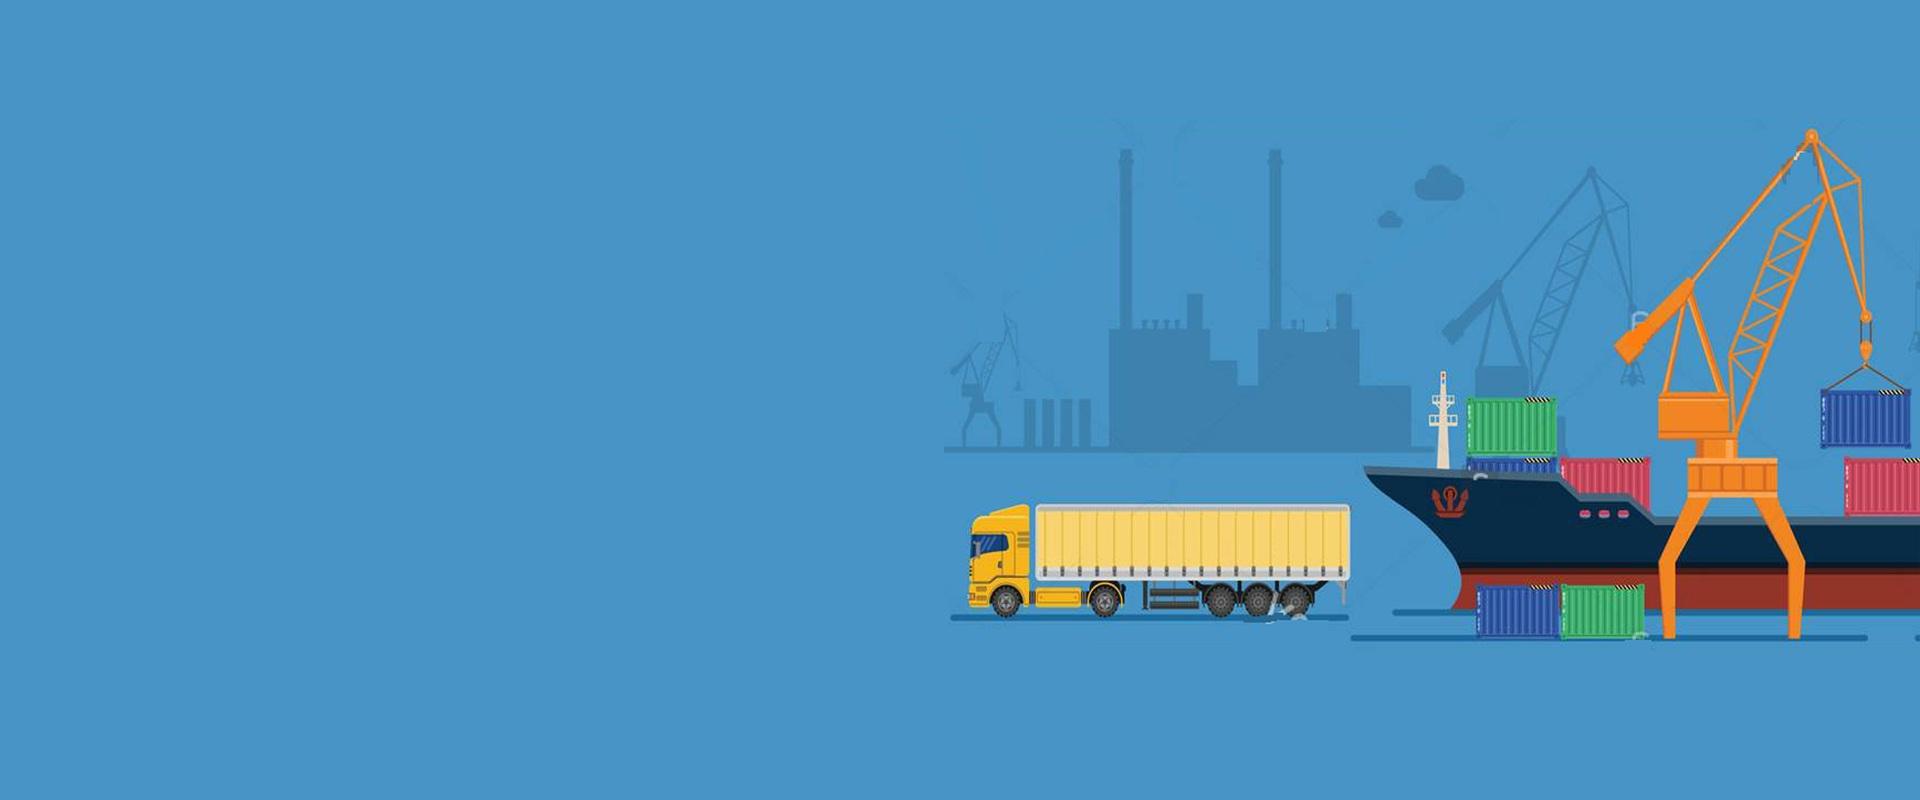 شرکت حمل و نقل بین المللی بارمان ترابر